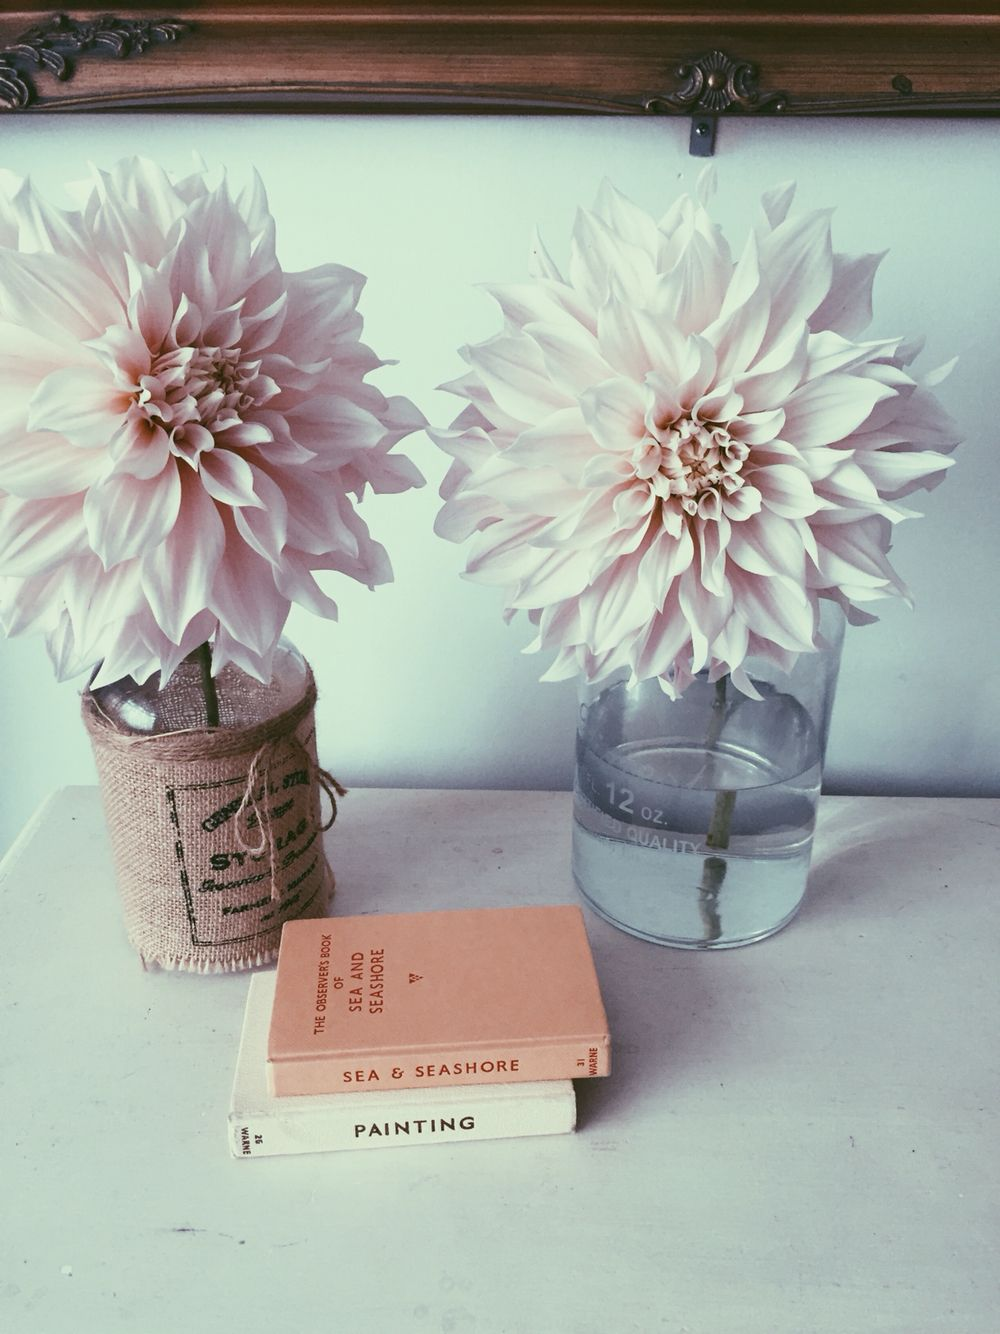 #cafeaulait #flowerpower